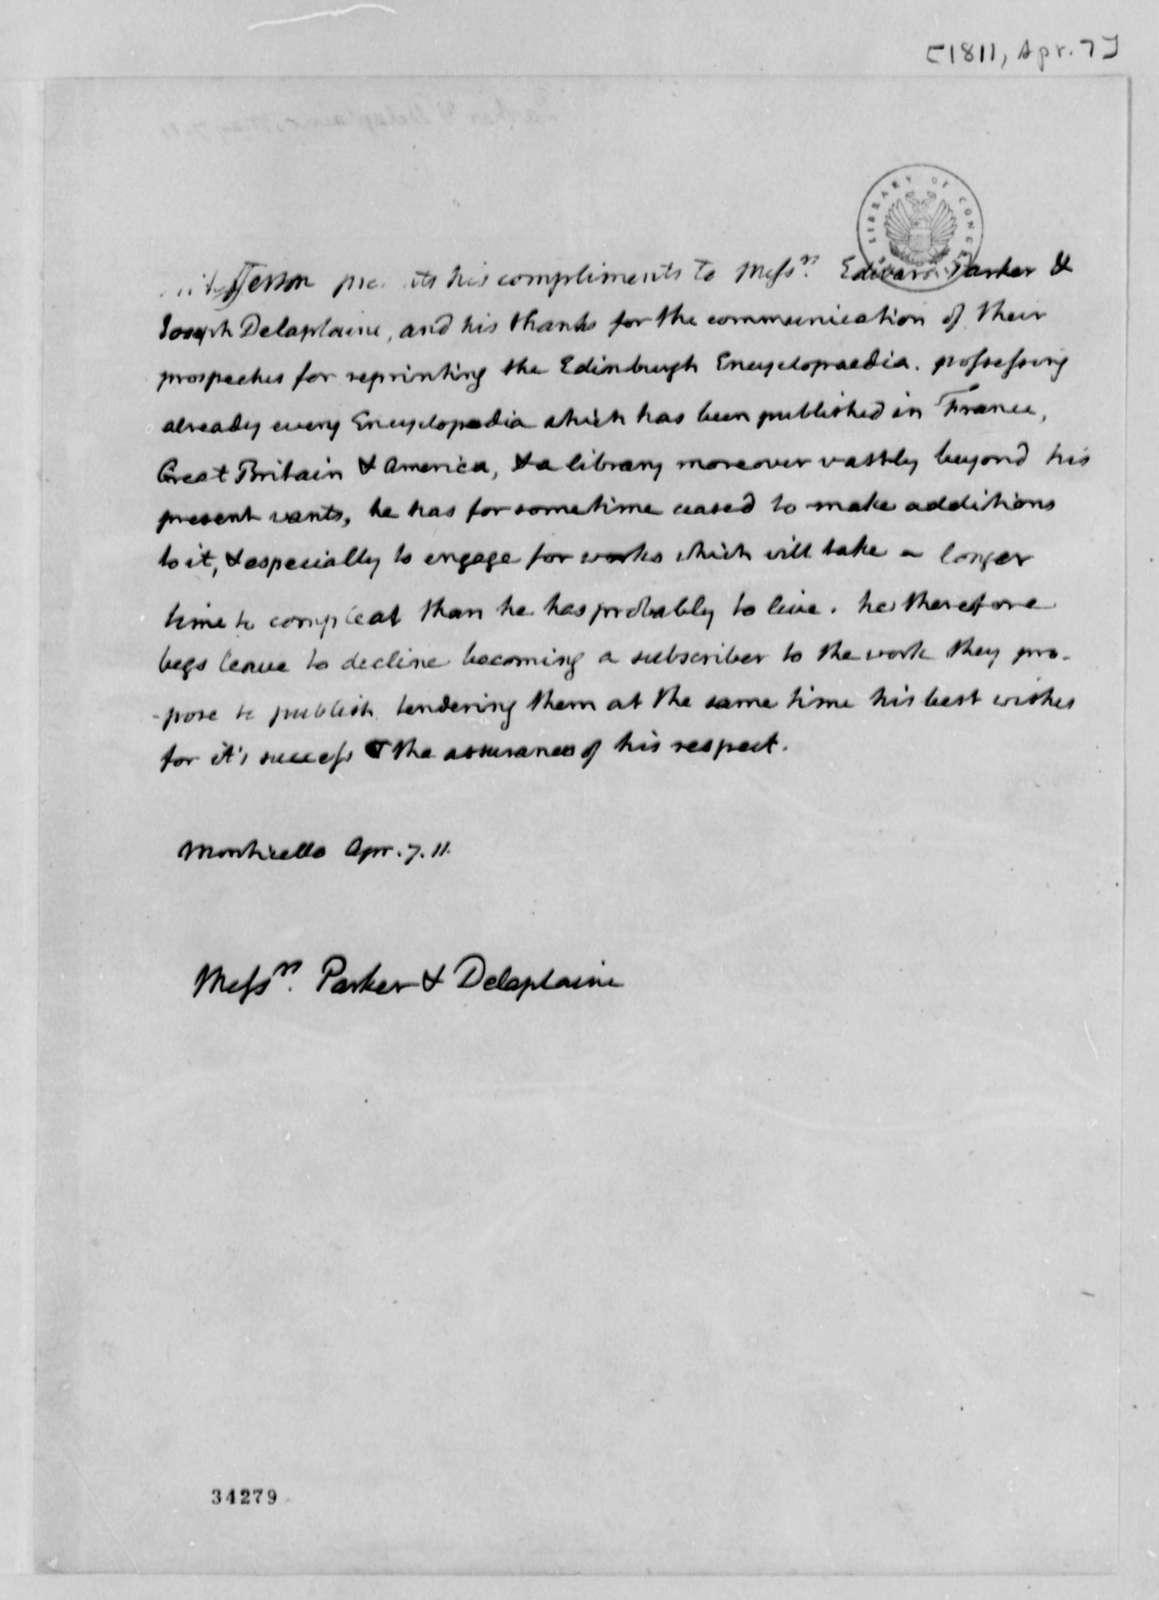 Jefferson Thomas to Edward Parker and Joseph Delaplaine, April 7, 1811